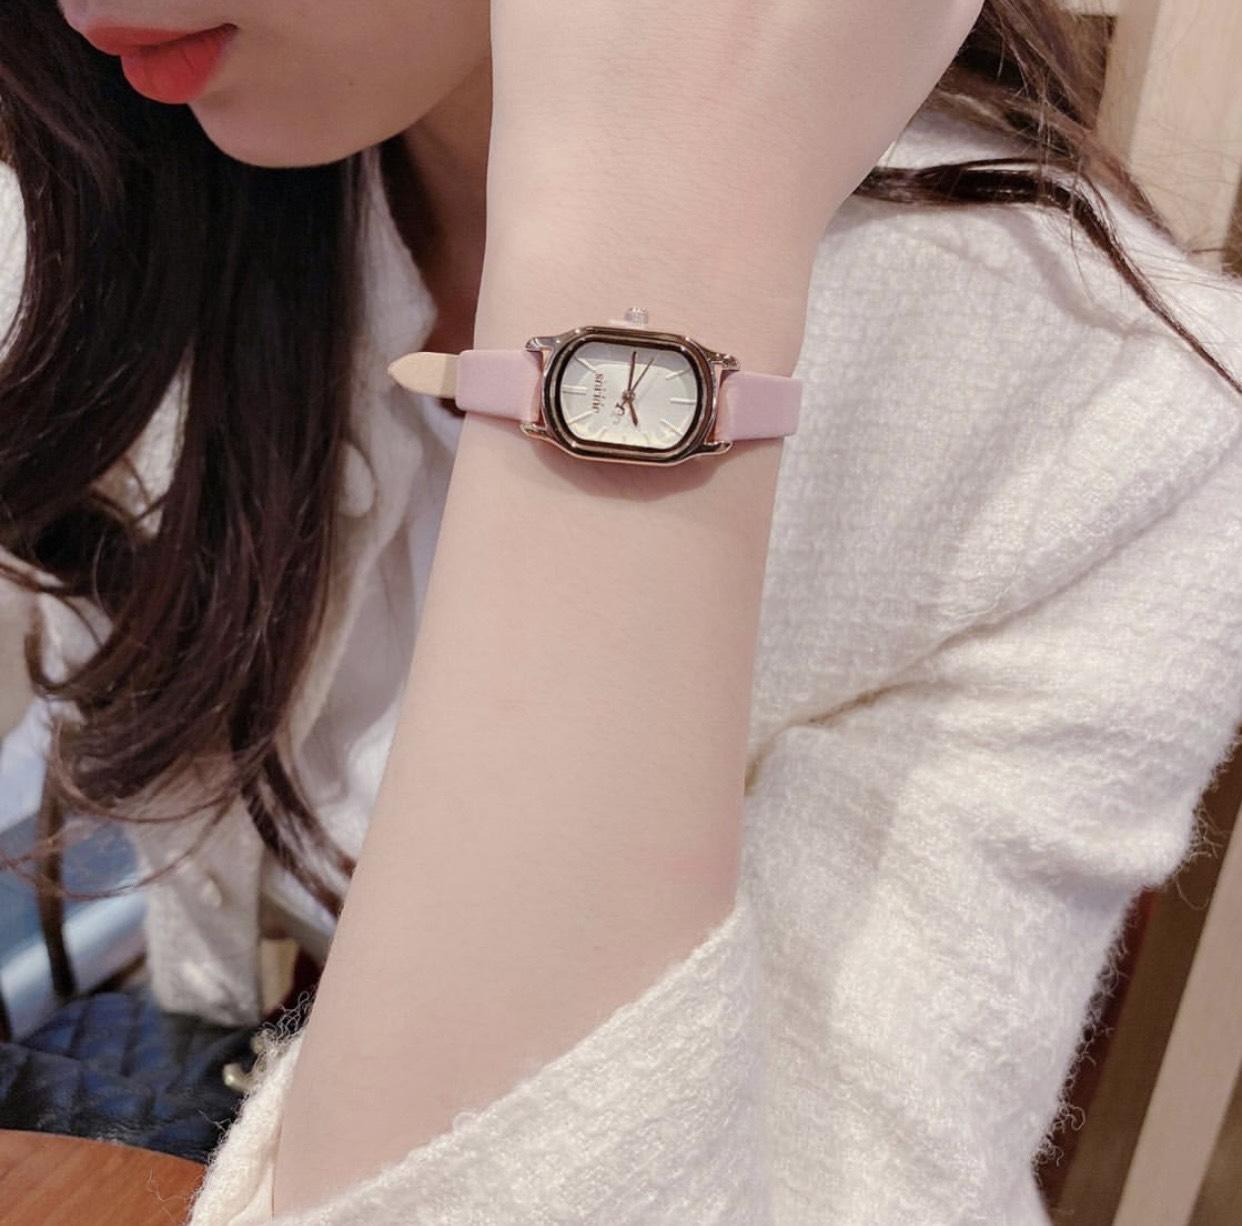 Đồng hồ hàng hiệu Julius hồng phấn mặt oval